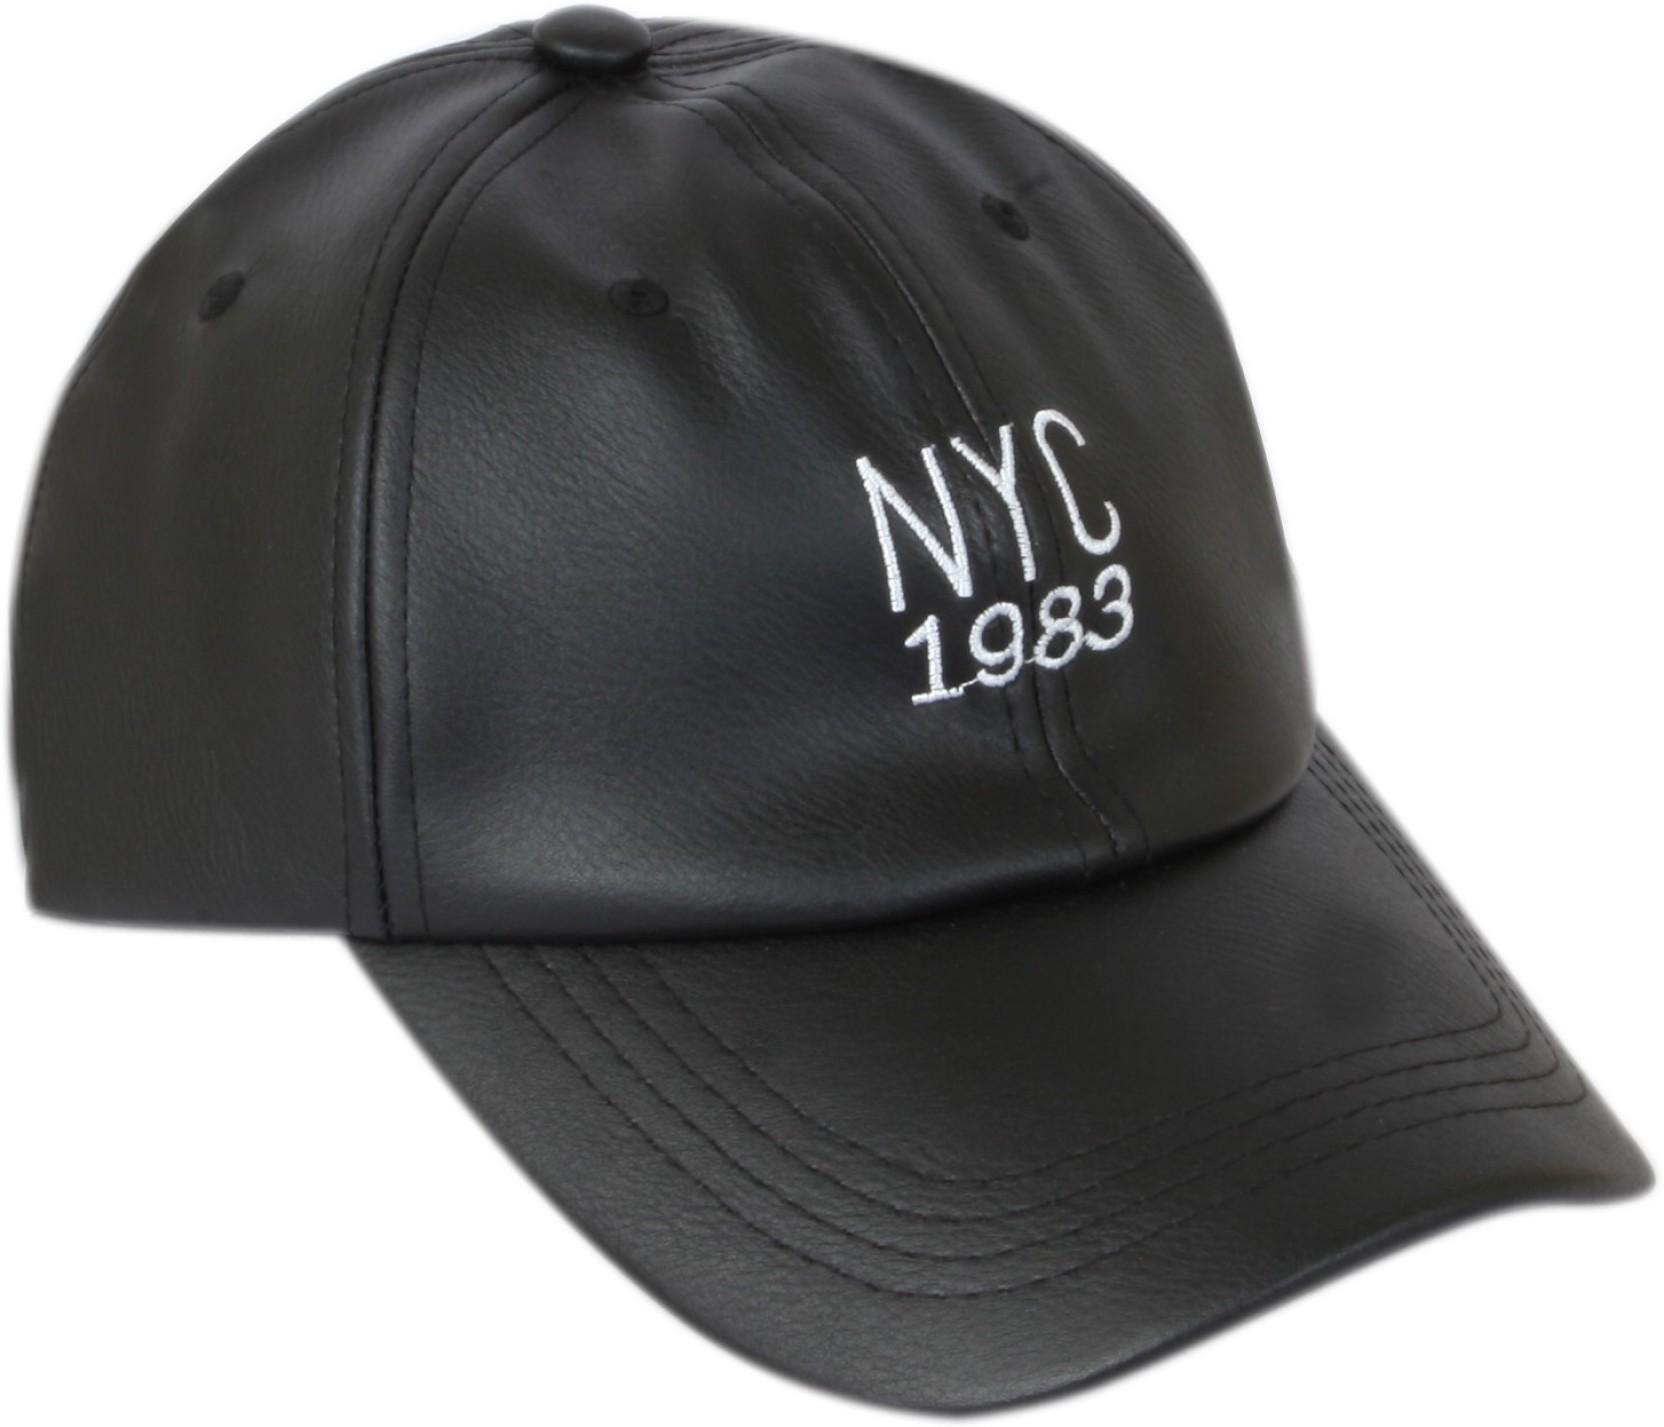 43d774c12 ILU NY Caps Black Leather for men and women, Baseball cap, Hip Hop,  snapback Cap, hiphop caps, sports cap, summer caps, sun caps, skull cap,  cricket ...